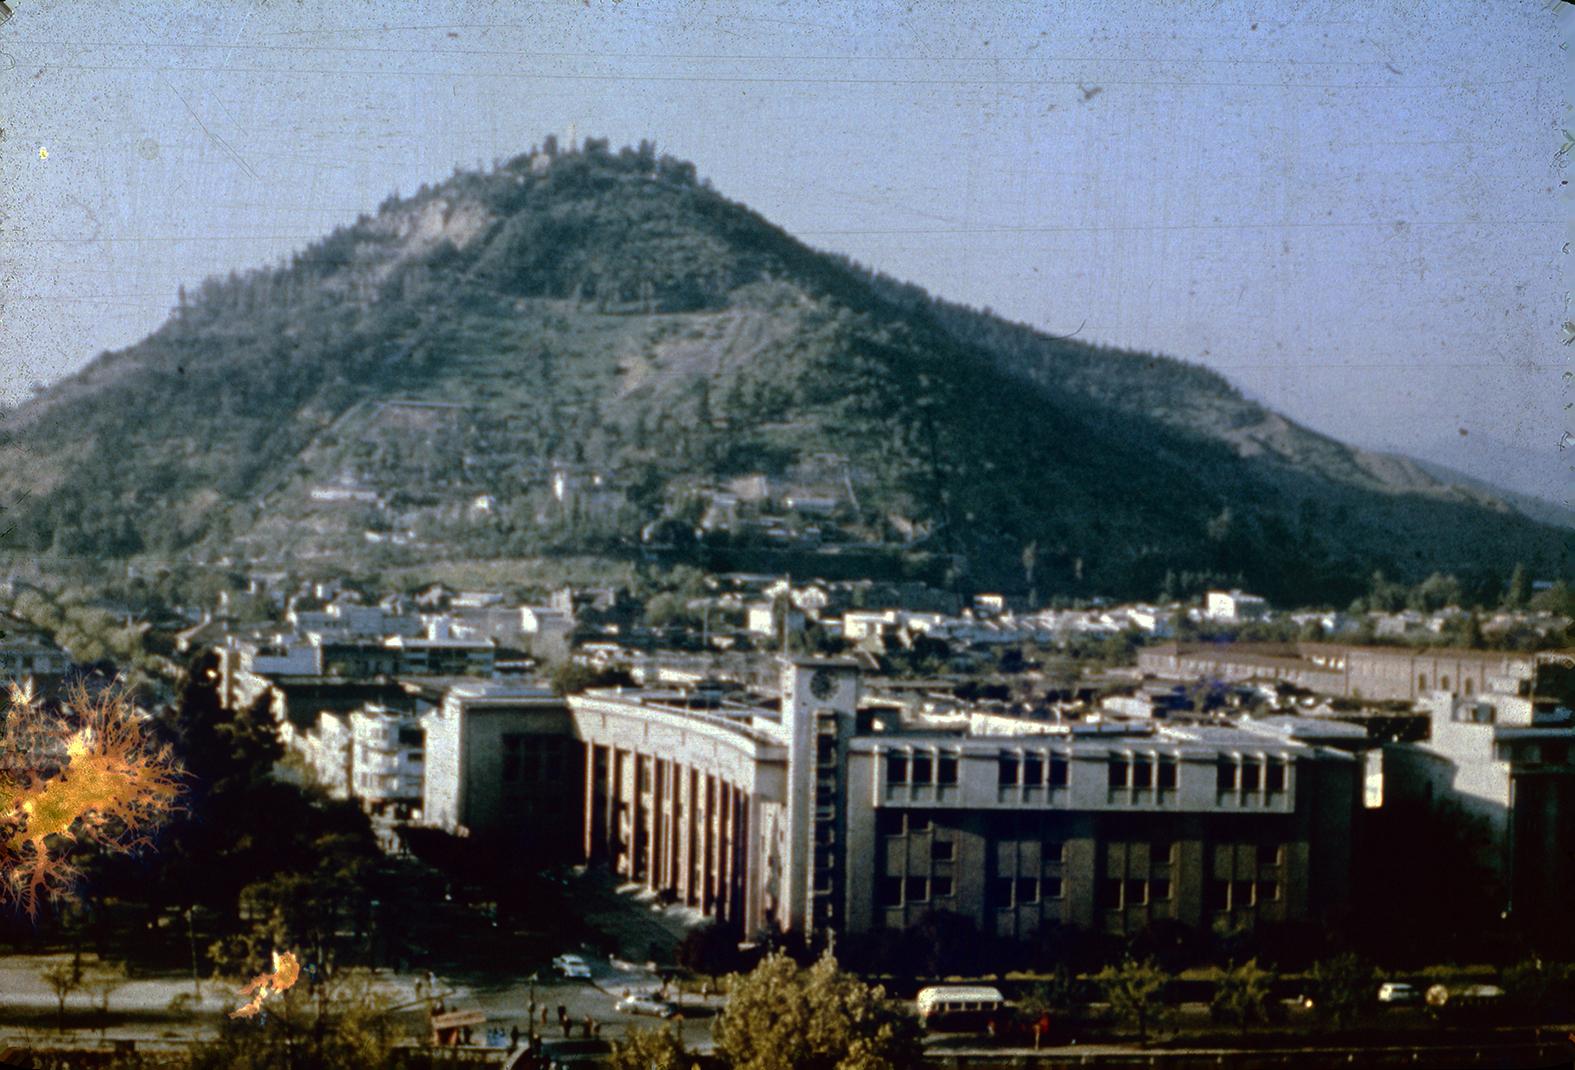 Enterreno - Fotos históricas de chile - fotos antiguas de Chile - Cerro San Cristóbal en los años 60s